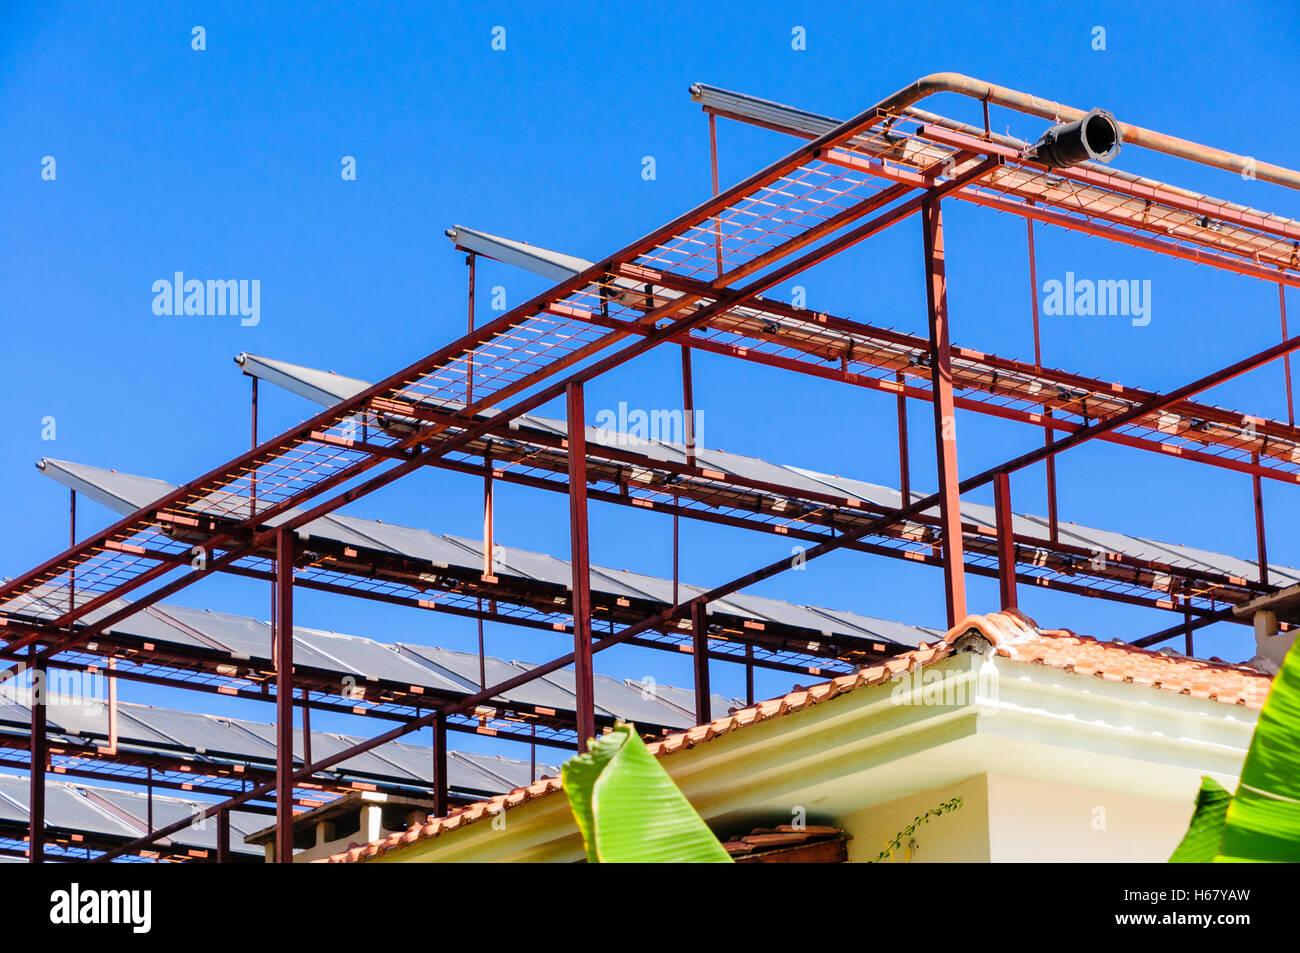 Pannelli solari su di un telaio metallico sul tetto di un edificio in un clima caldo Immagini Stock